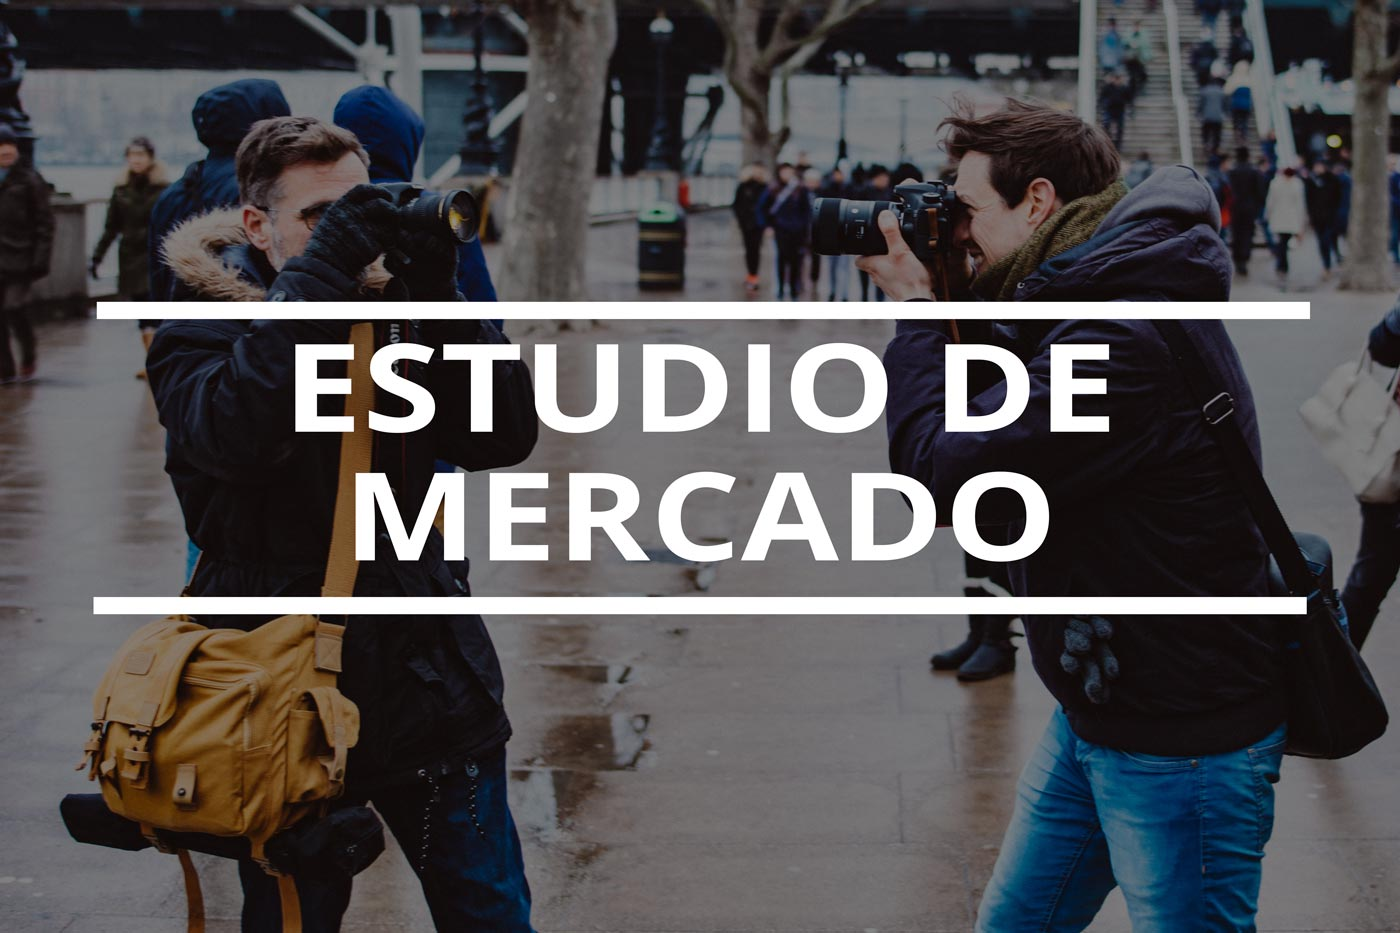 estudio de mercado para fotografos